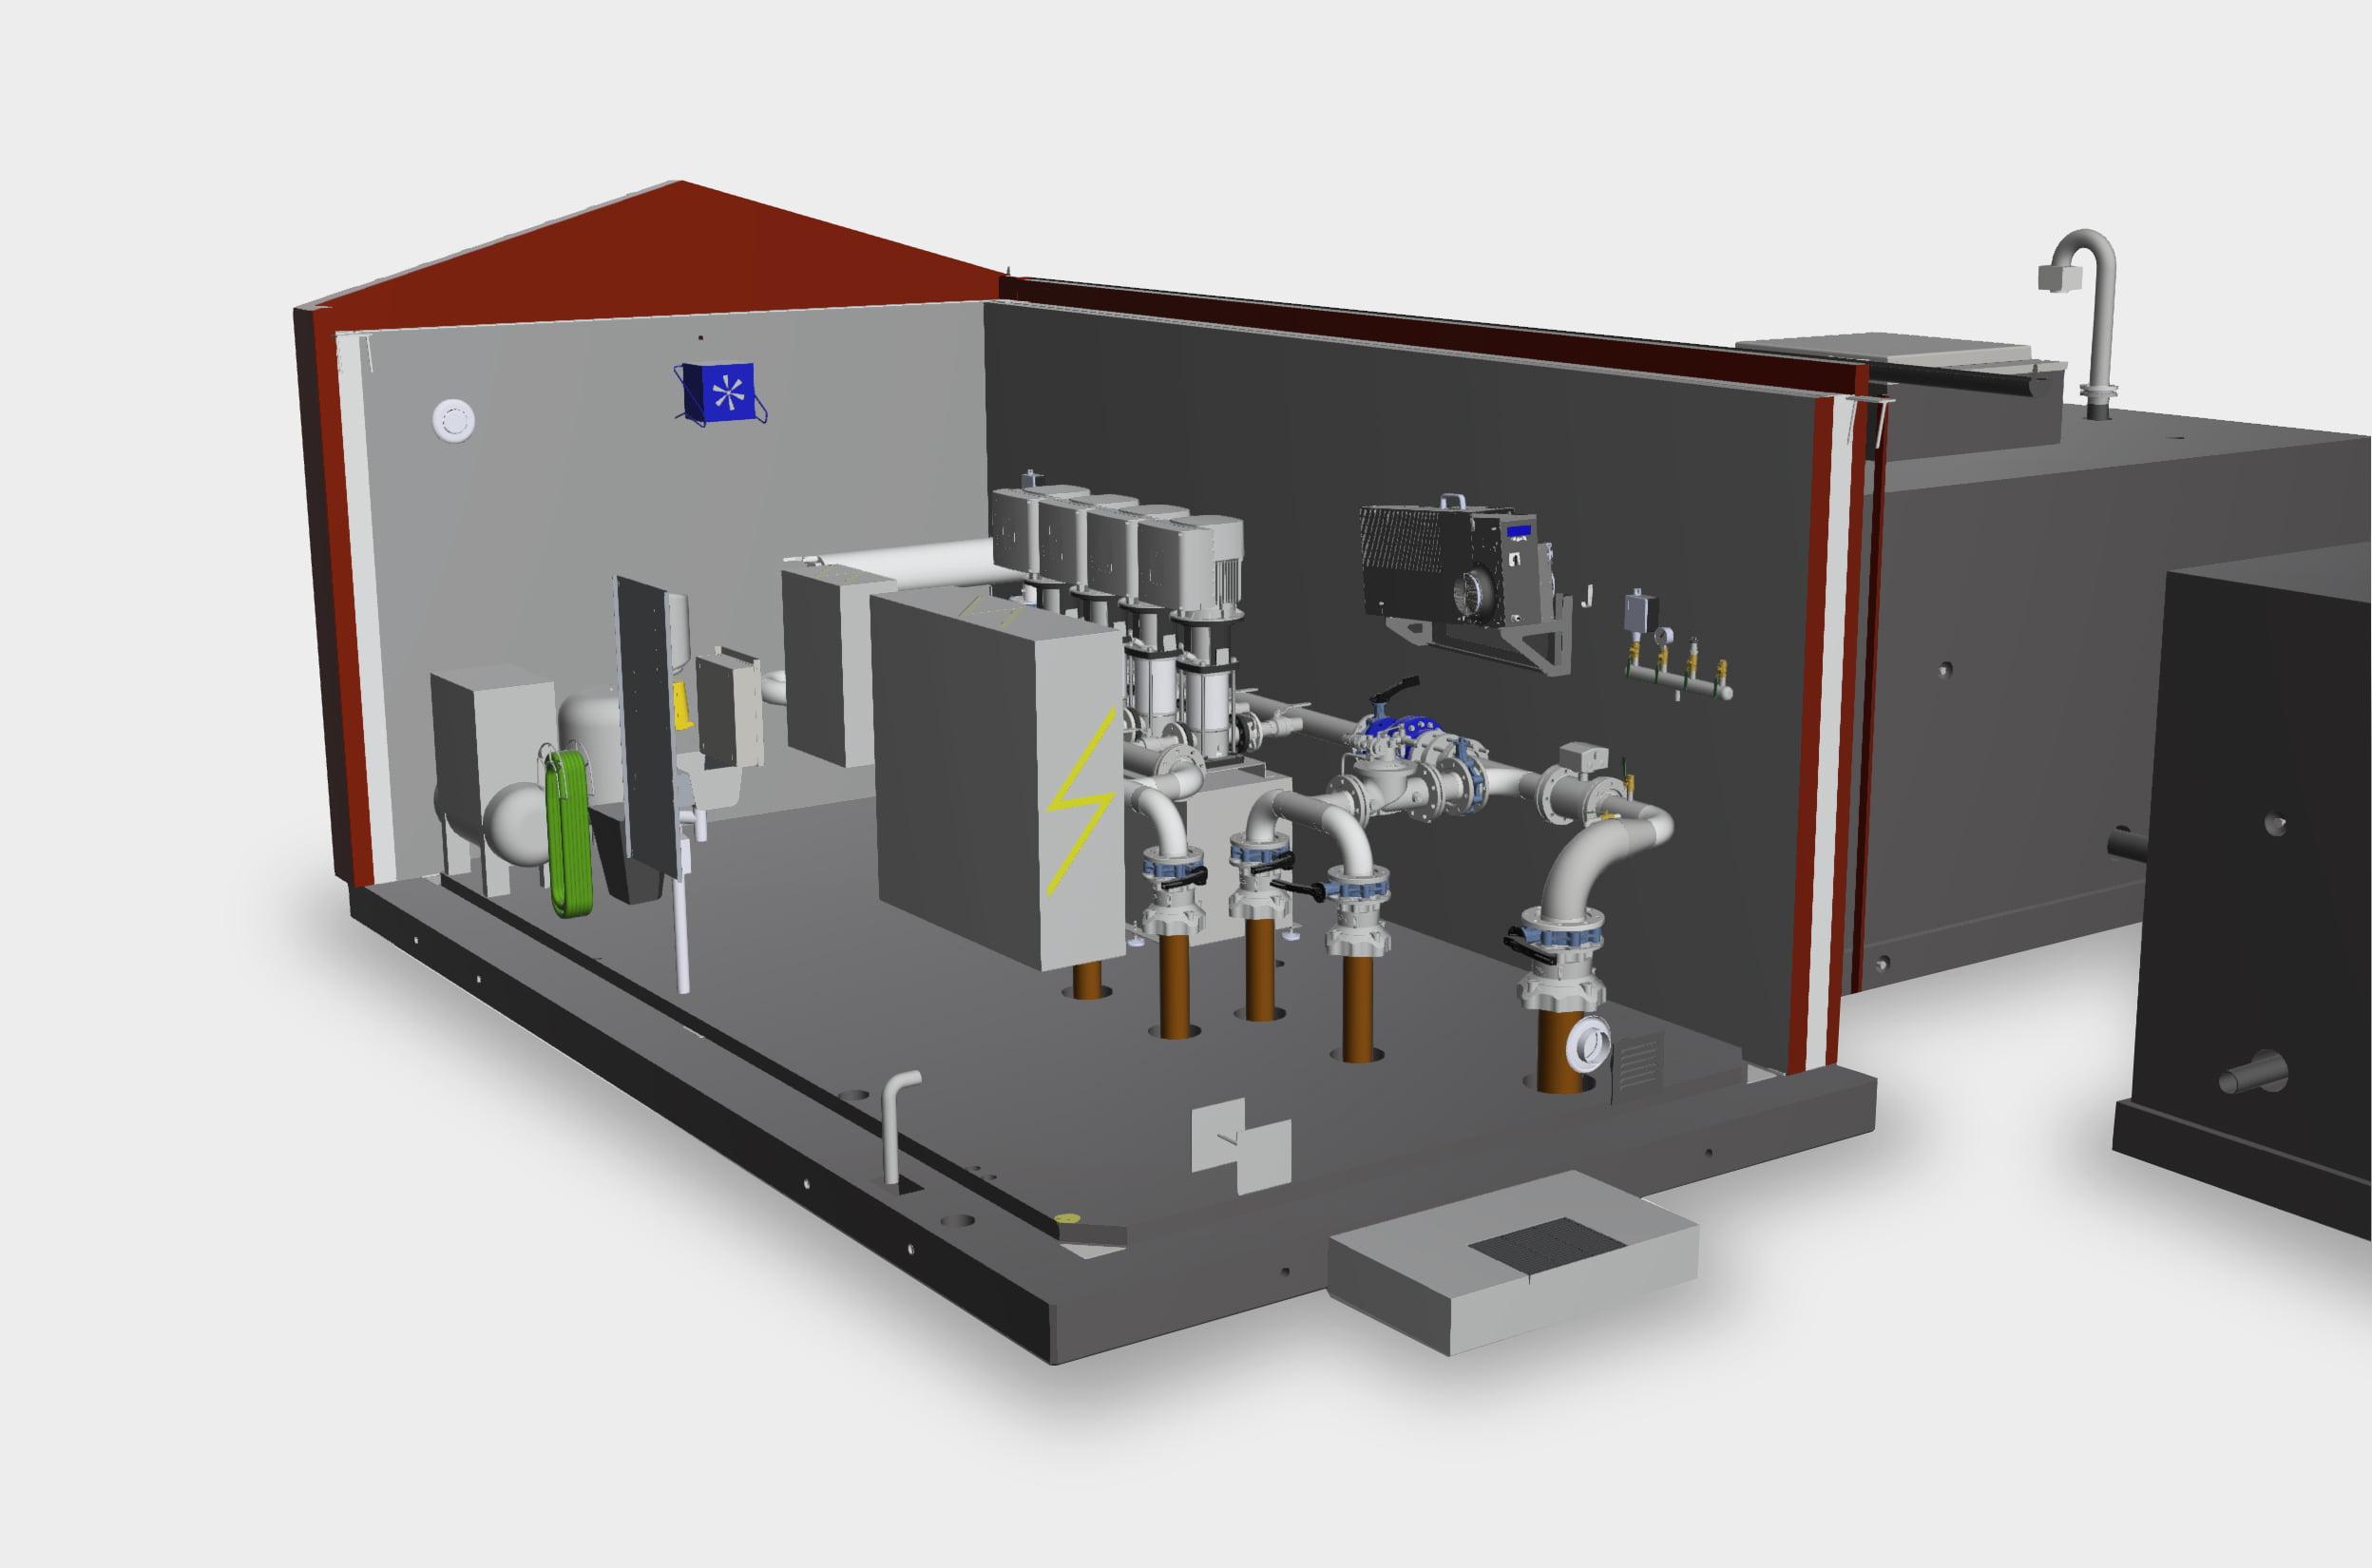 TS Tryckstegringsstation med lågreservoar: genomskärning överbyggnad